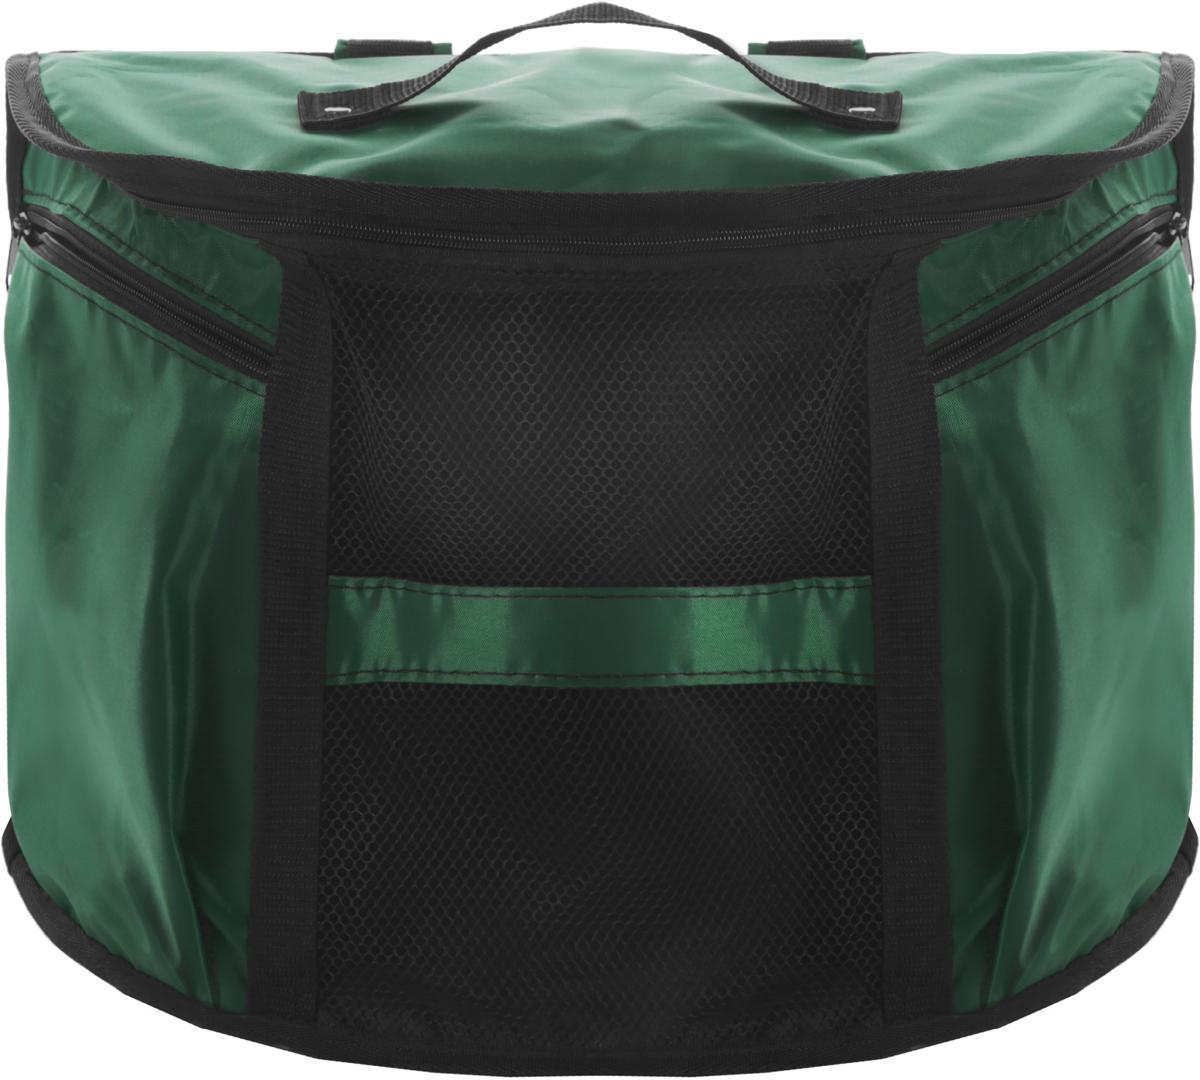 Рюкзак-переноска для кошек  Заря-Плюс , цвет: зеленый, черный, 37 х 19 х 29 см